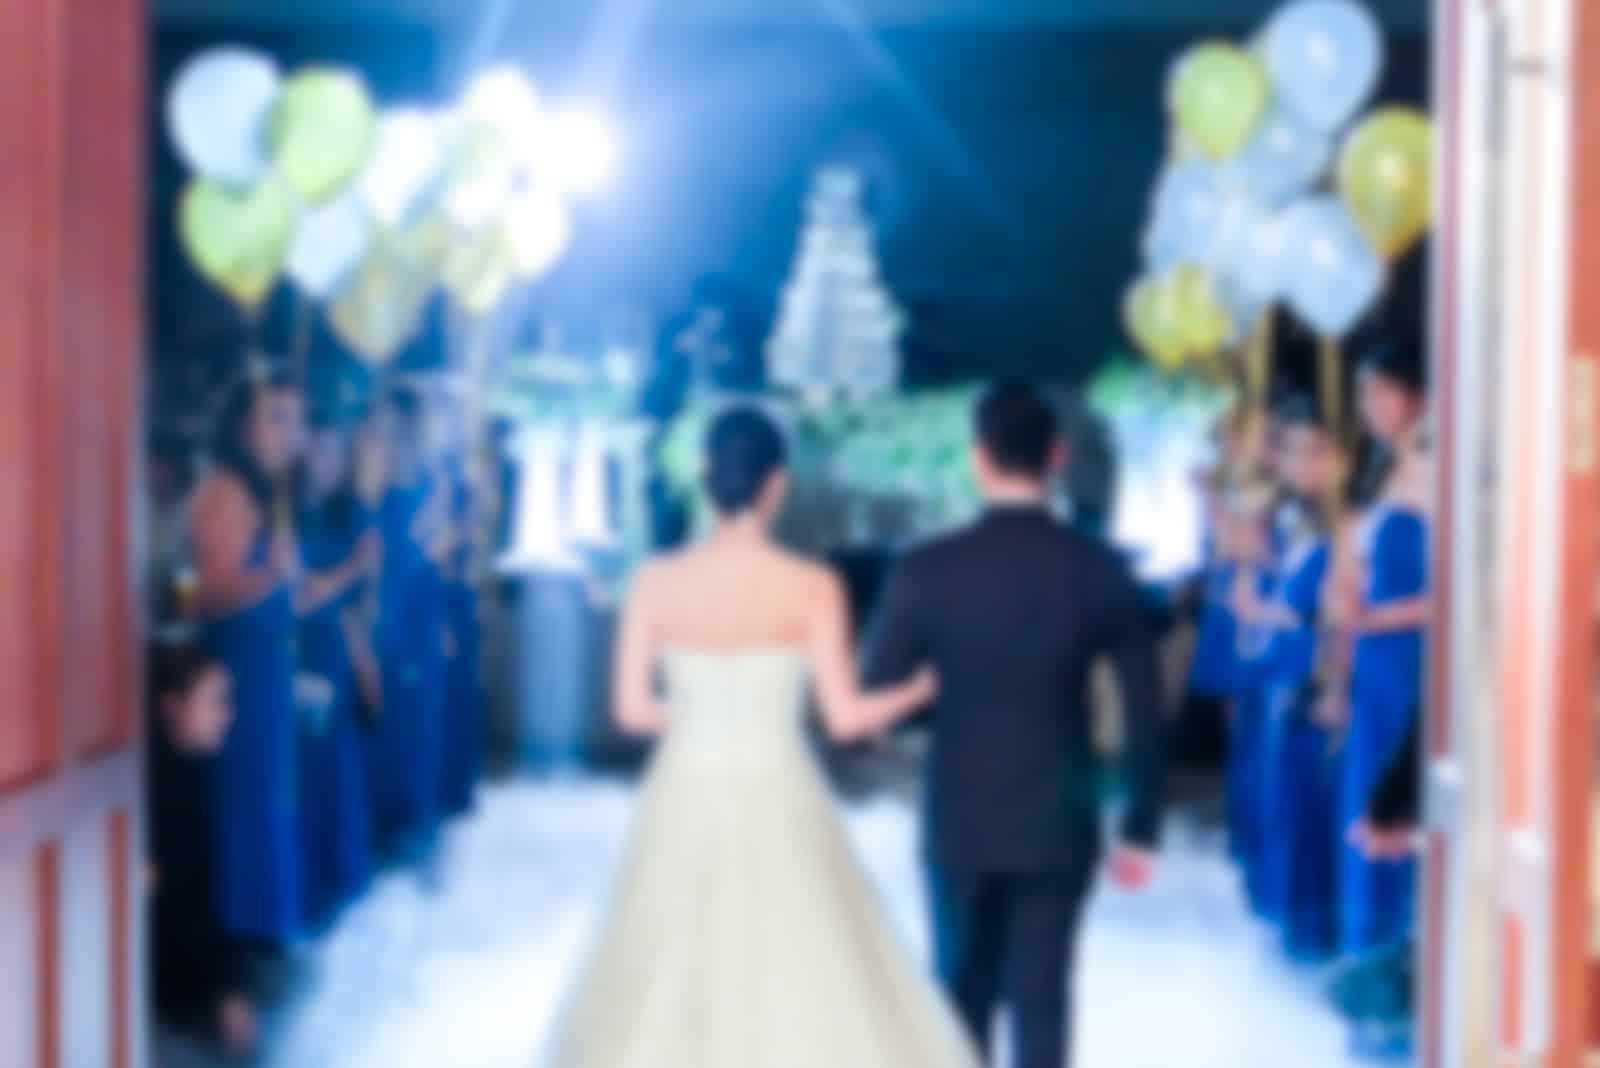 Braut und Bräutigam gehen, um den Raum der Hochzeitszeremonie zu betreten